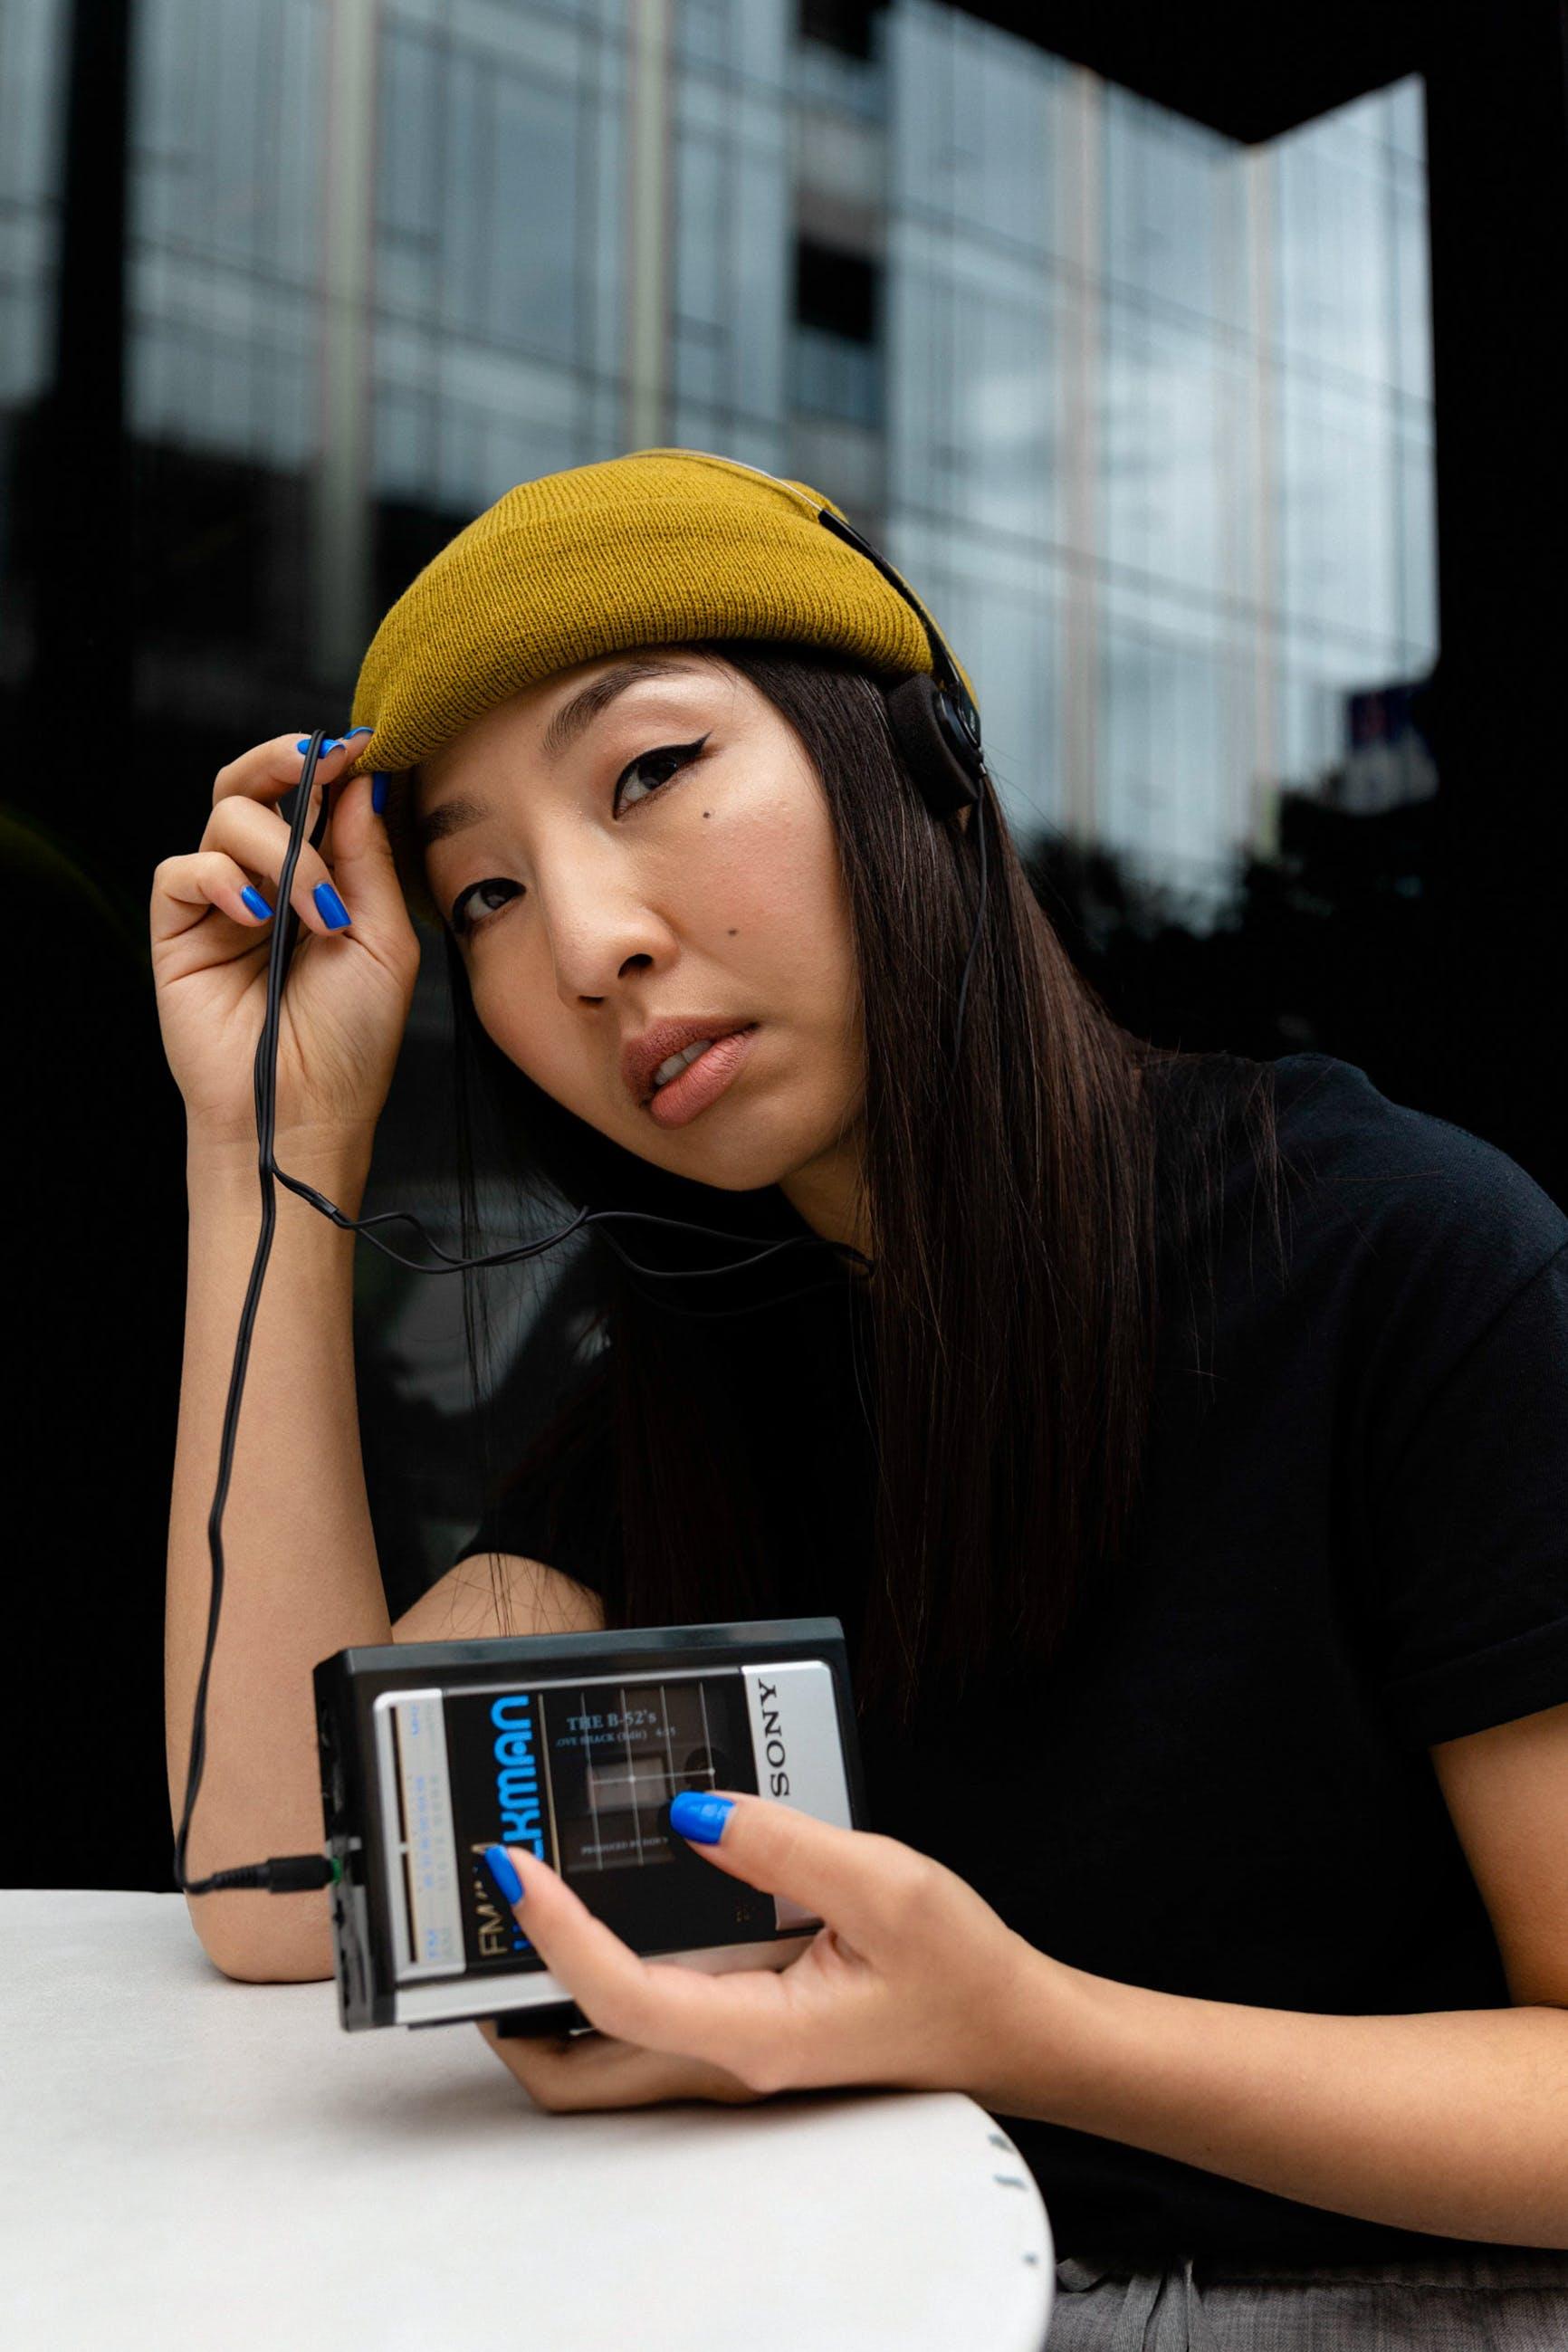 Kostenloses Stock Foto zu asiatische frau, drinnen, elektrik, fashion